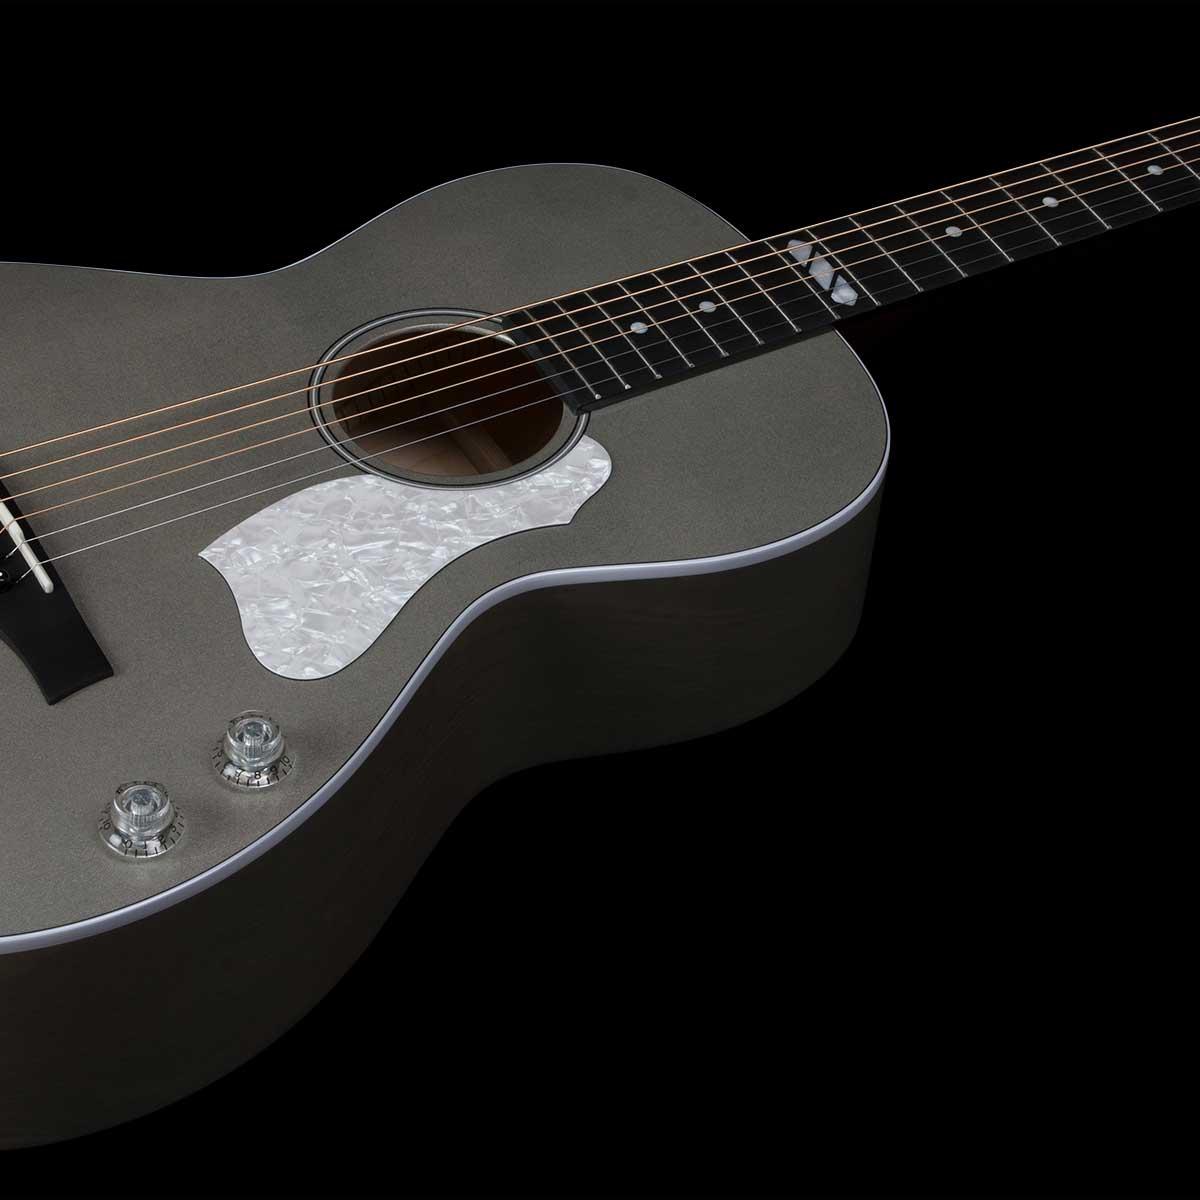 גיטרה אקוסטית מוגברת Godin Rialto JR Satina Gray HG Q-Discrete